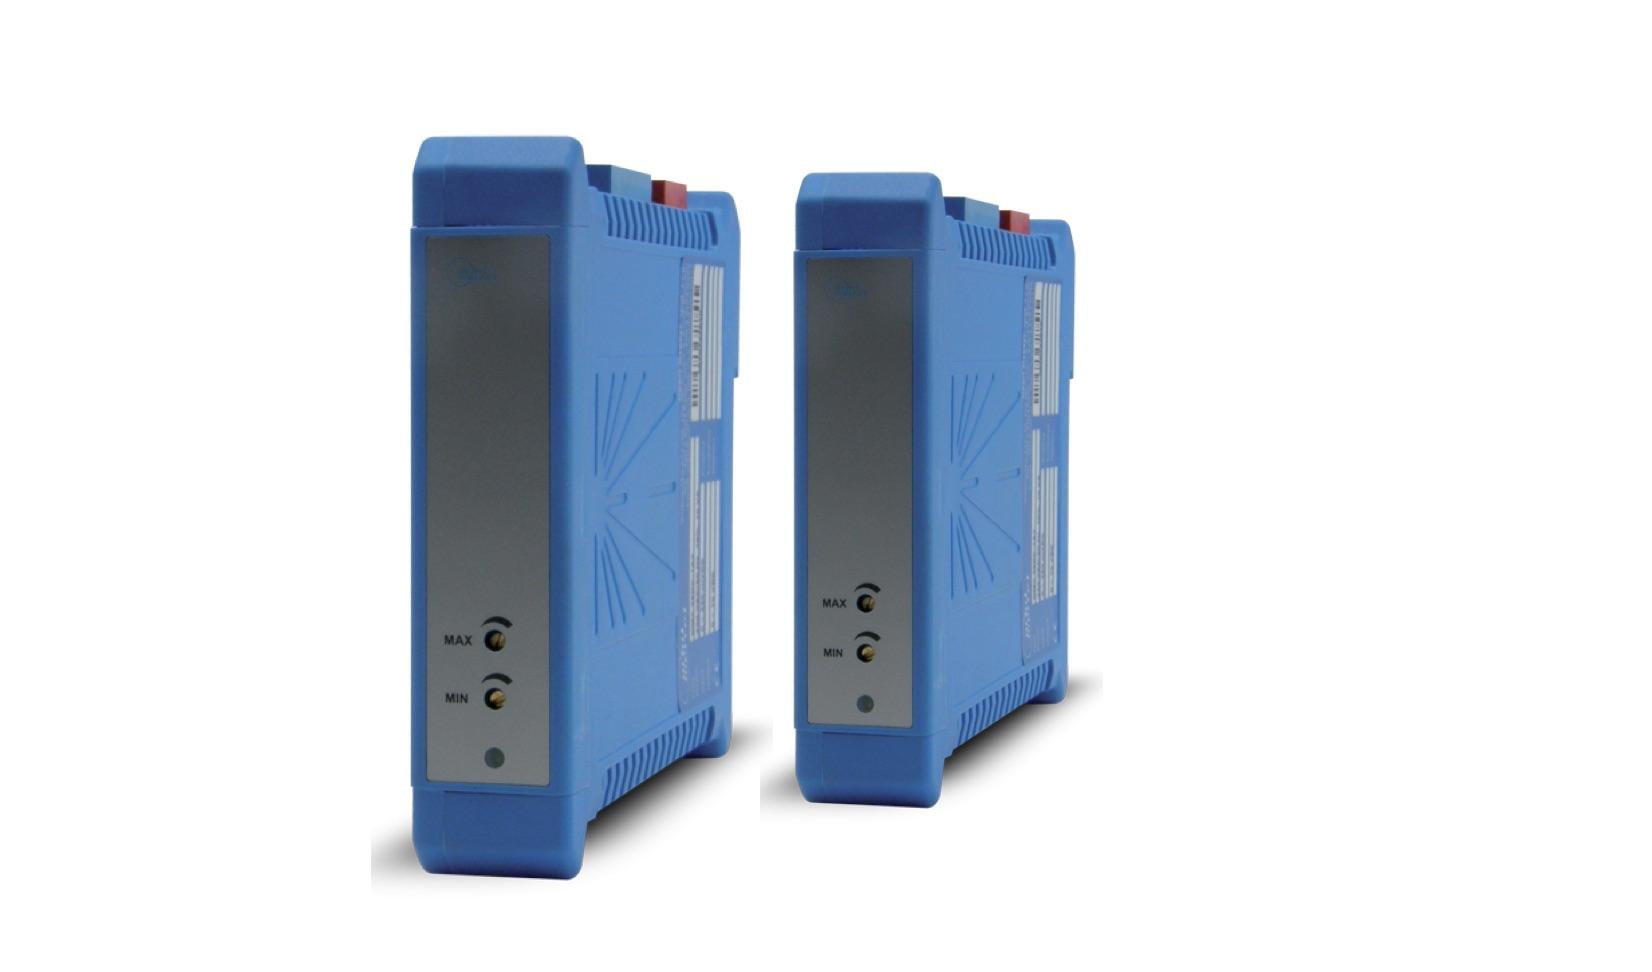 Bộ biến đổi điện áp 220V 380V 500V sang 4-20mA